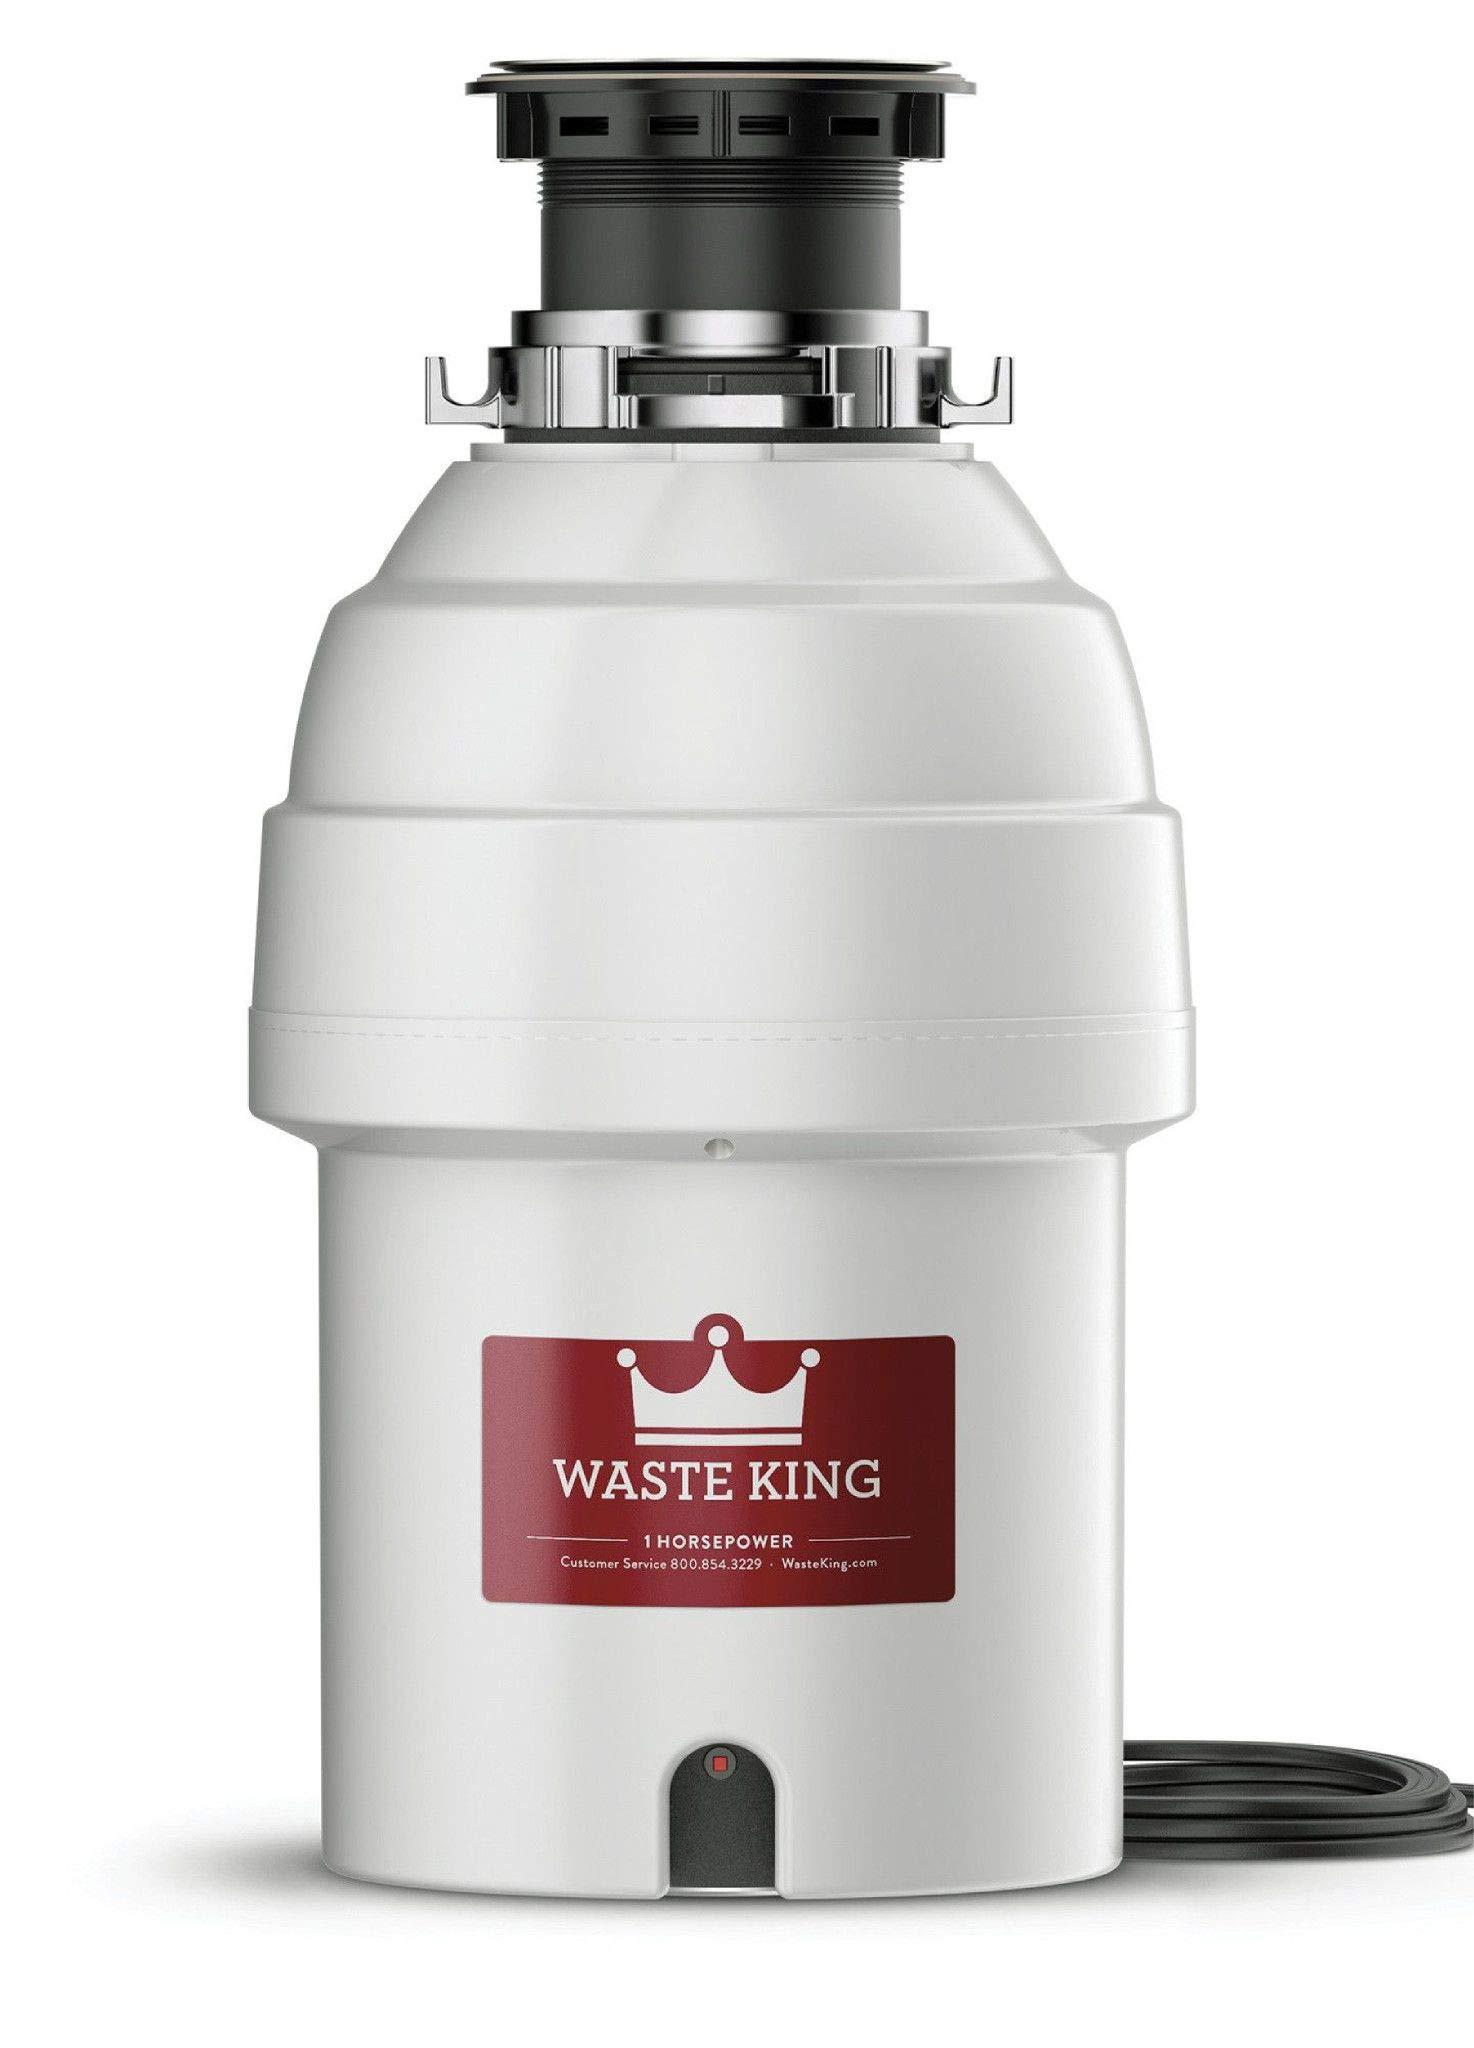 Waste King L-8000 Garbage Disposal, 1HP